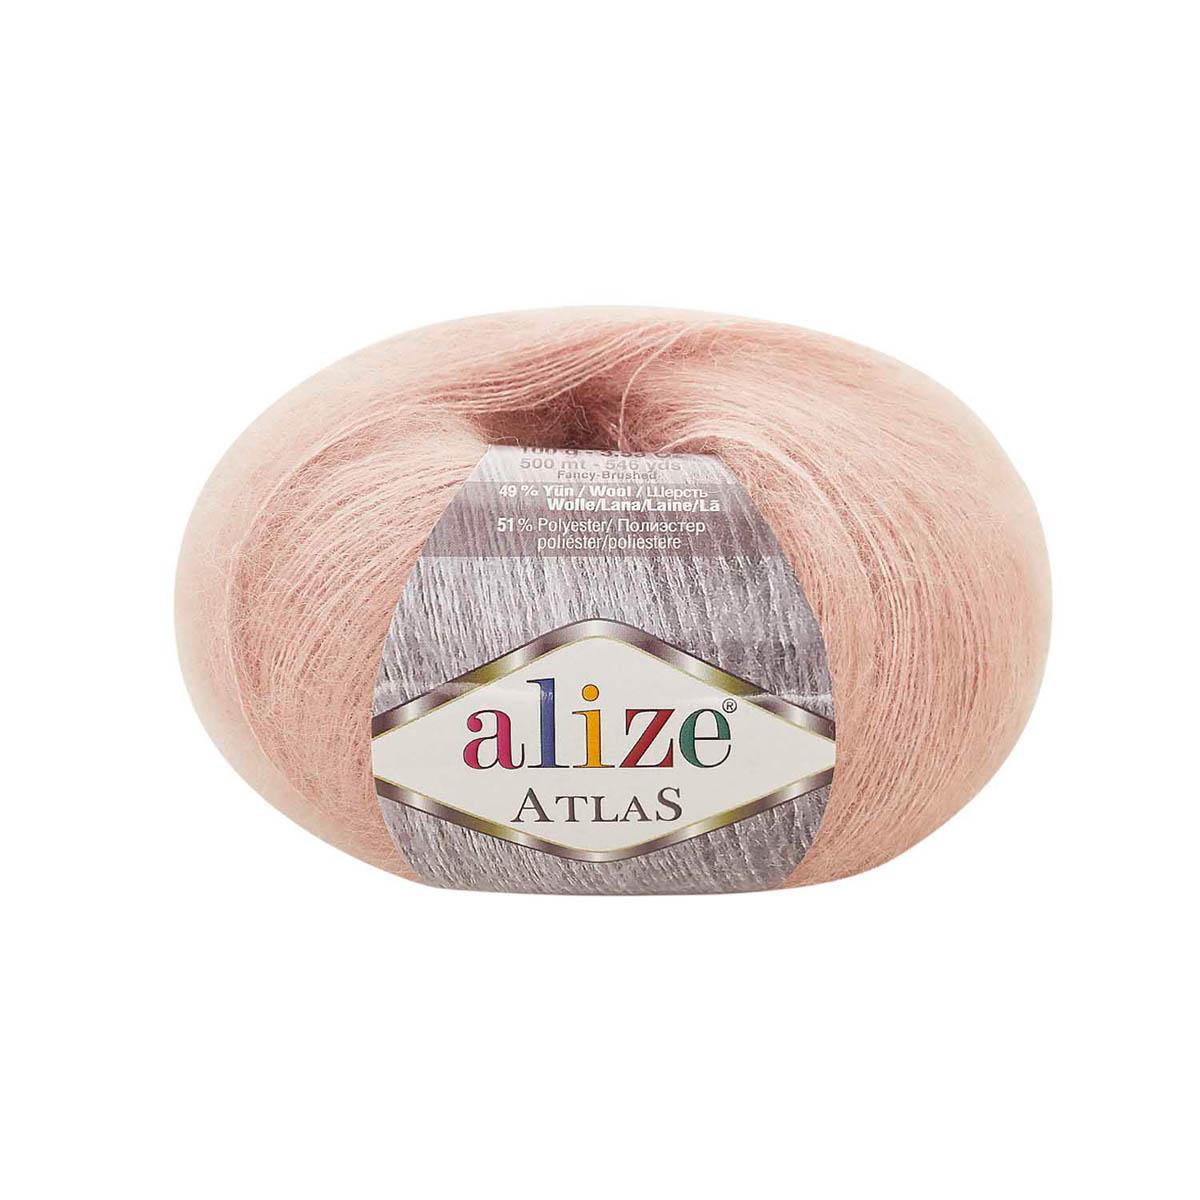 Пряжа Alize 'Atlas' 50гр. 250м. (49% шерсть, 51% полиэстер)